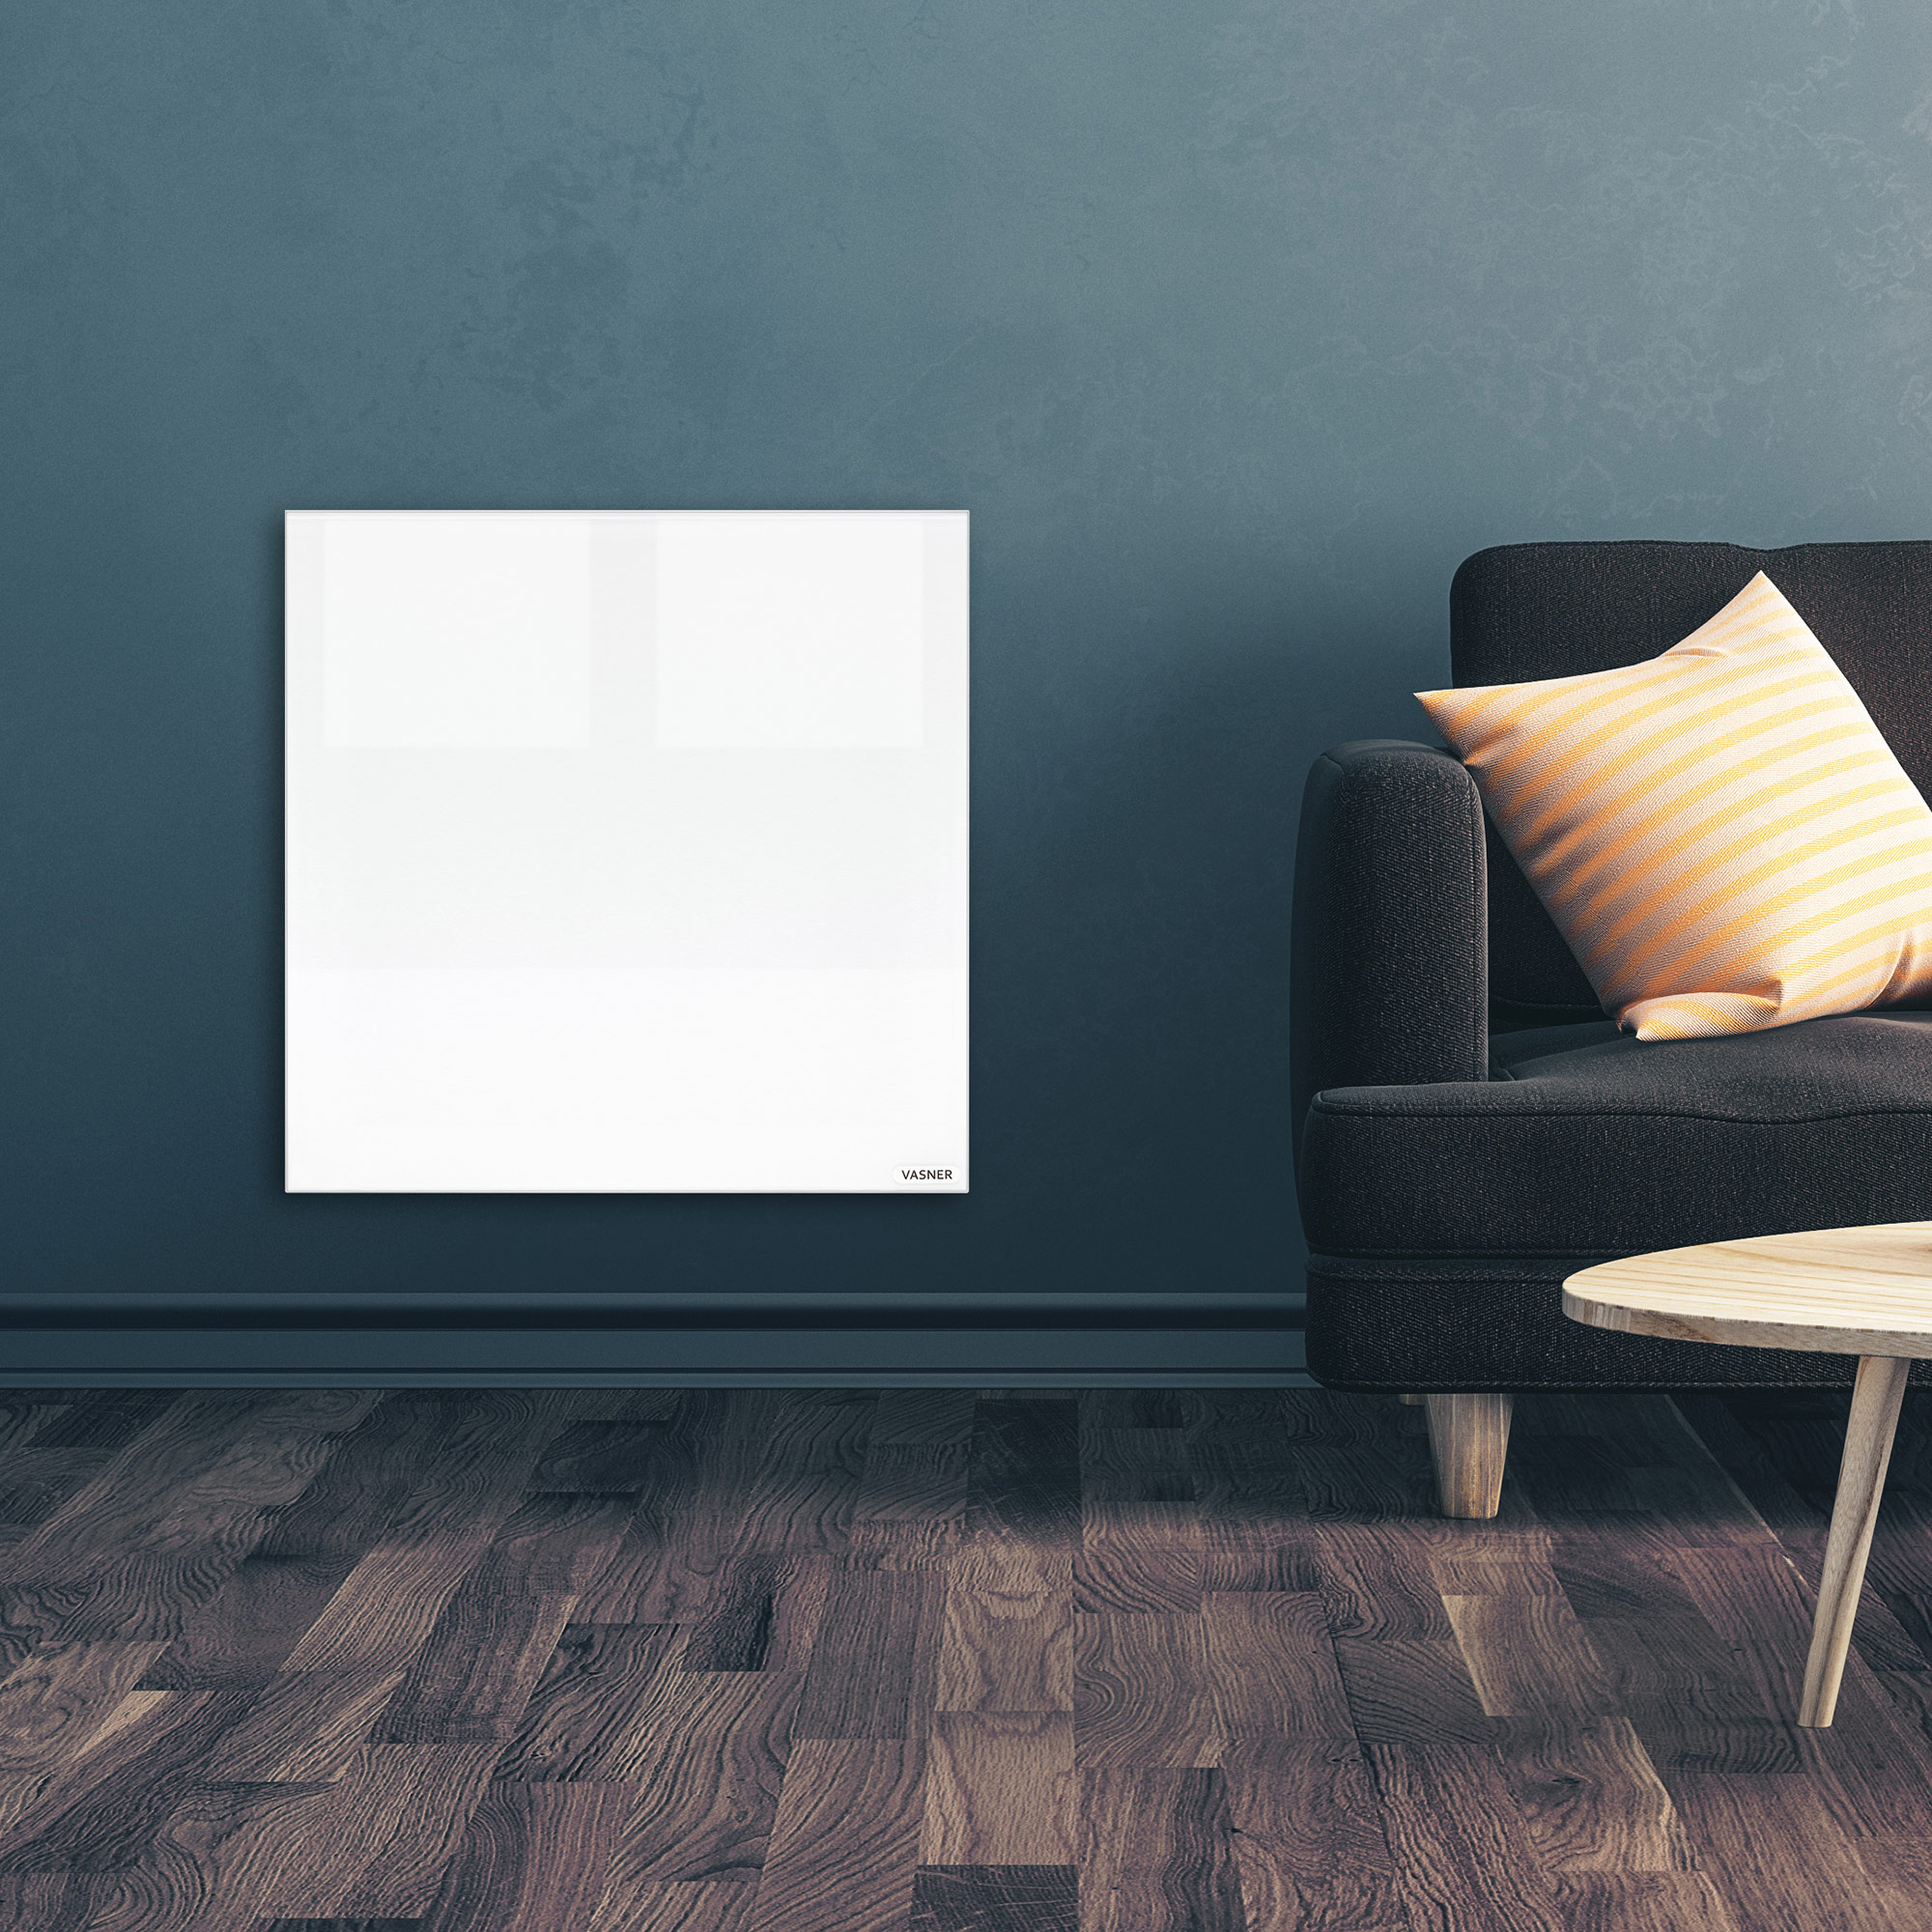 Design Infrarot Glasheizkörper mit Thermostat betreiben für gemütliche, effiziente Wärme